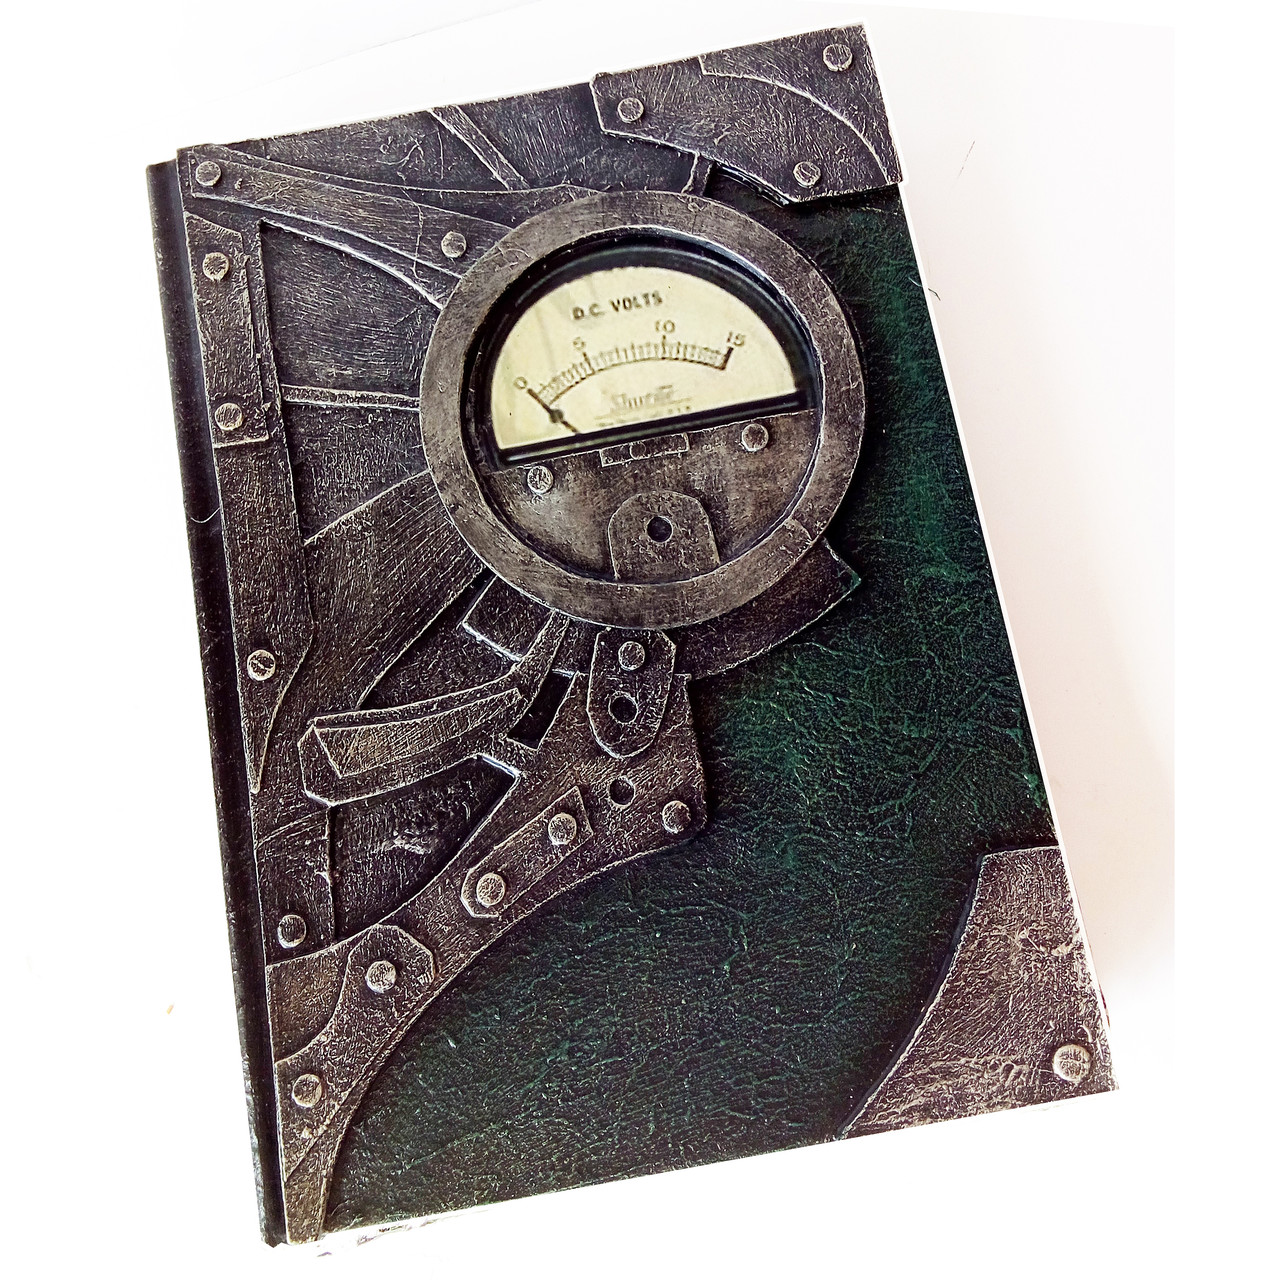 4cfd7dcc52df Блокнот ежедневник в стиле стимпанк Оригинальный подарок мужчине ...